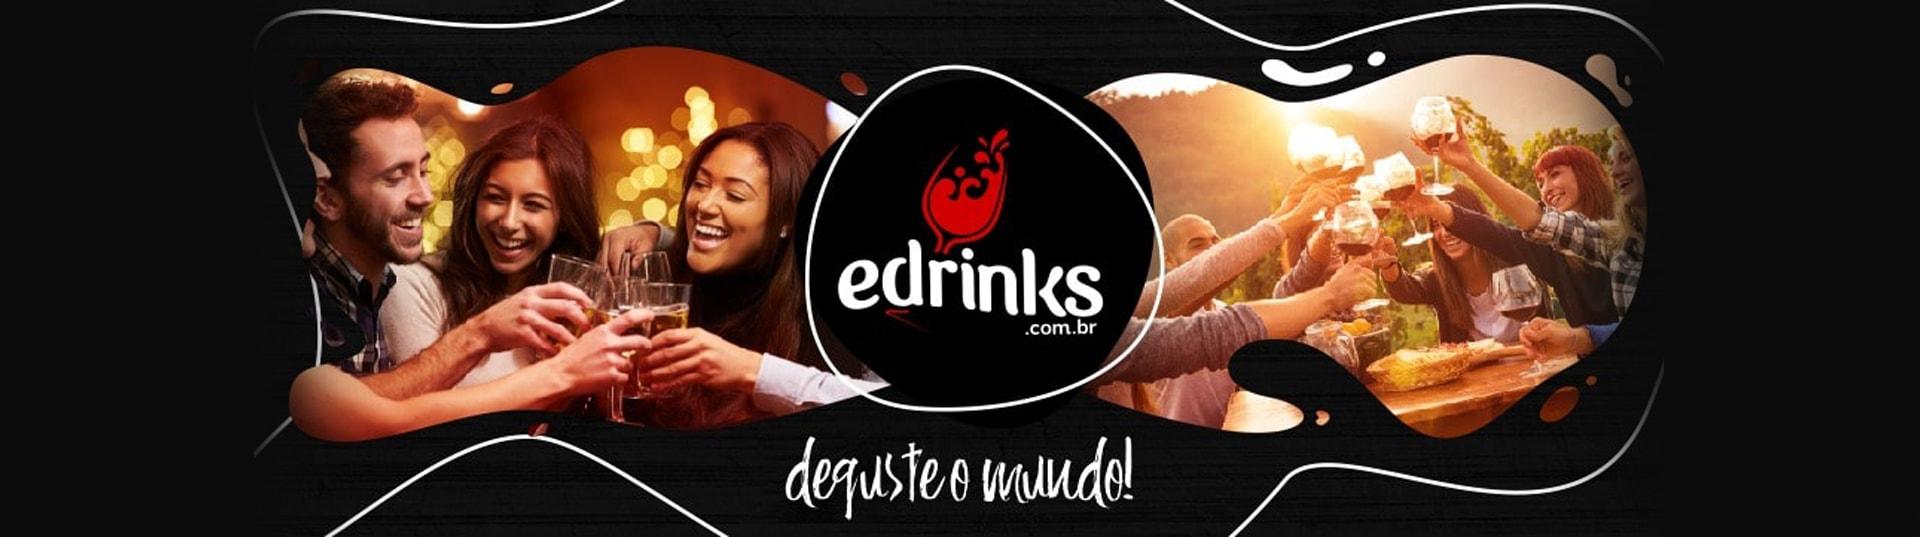 Deguste o mundo edrinks